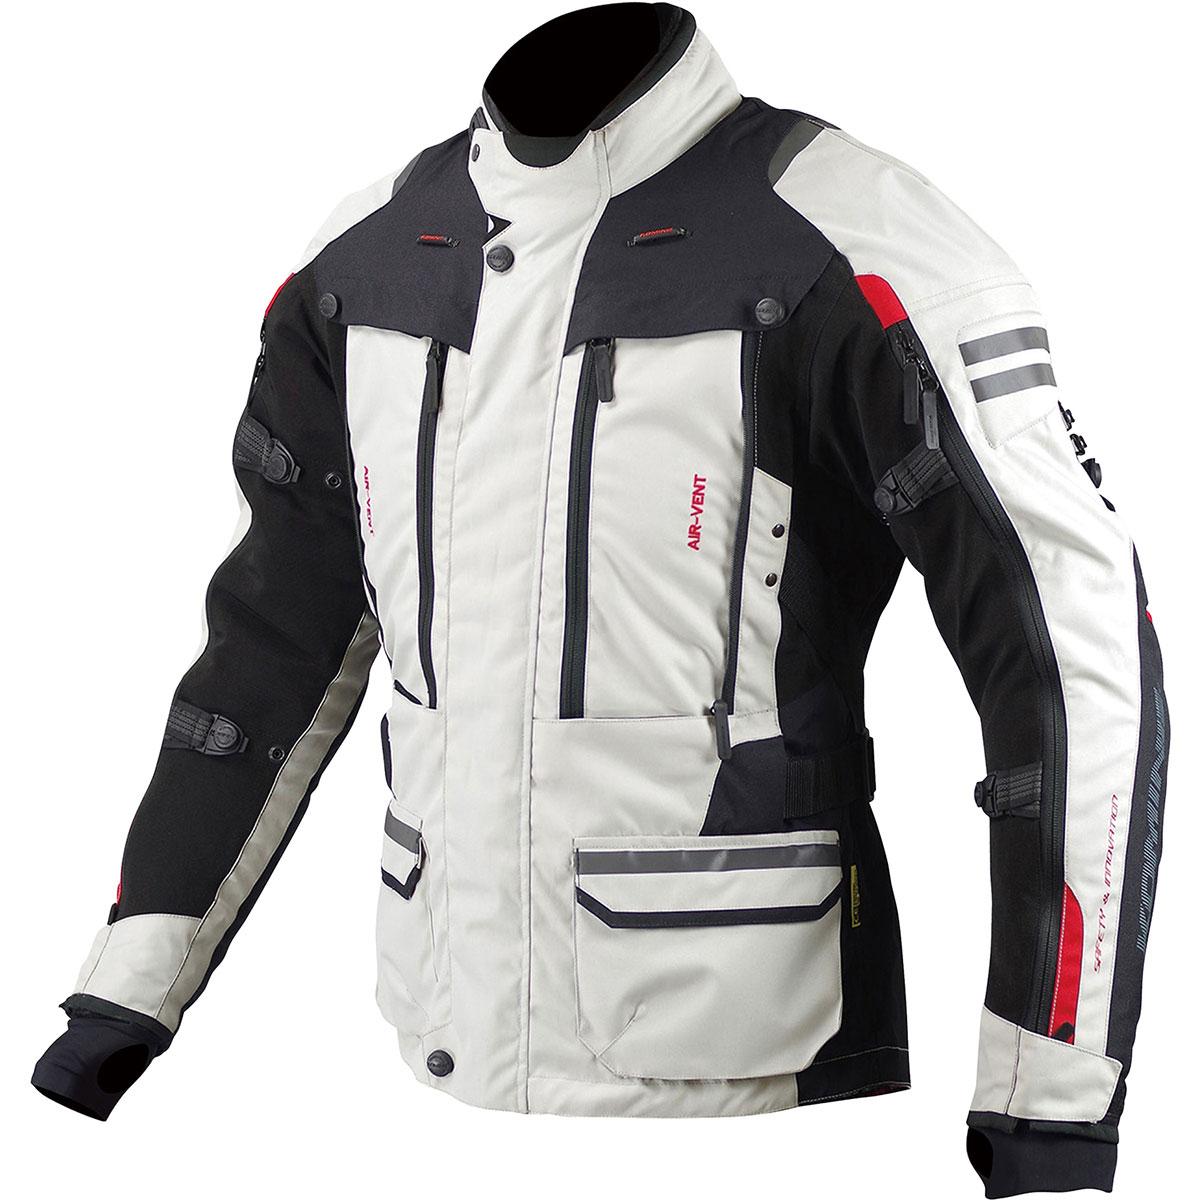 コミネ (Komine) バイク用 ジャケット Jacket JK-574 フルイヤーツーリングジャケット-ラーマ アイボリー ブラック 黒 XLサイズ 07-574/IV/BK/XL